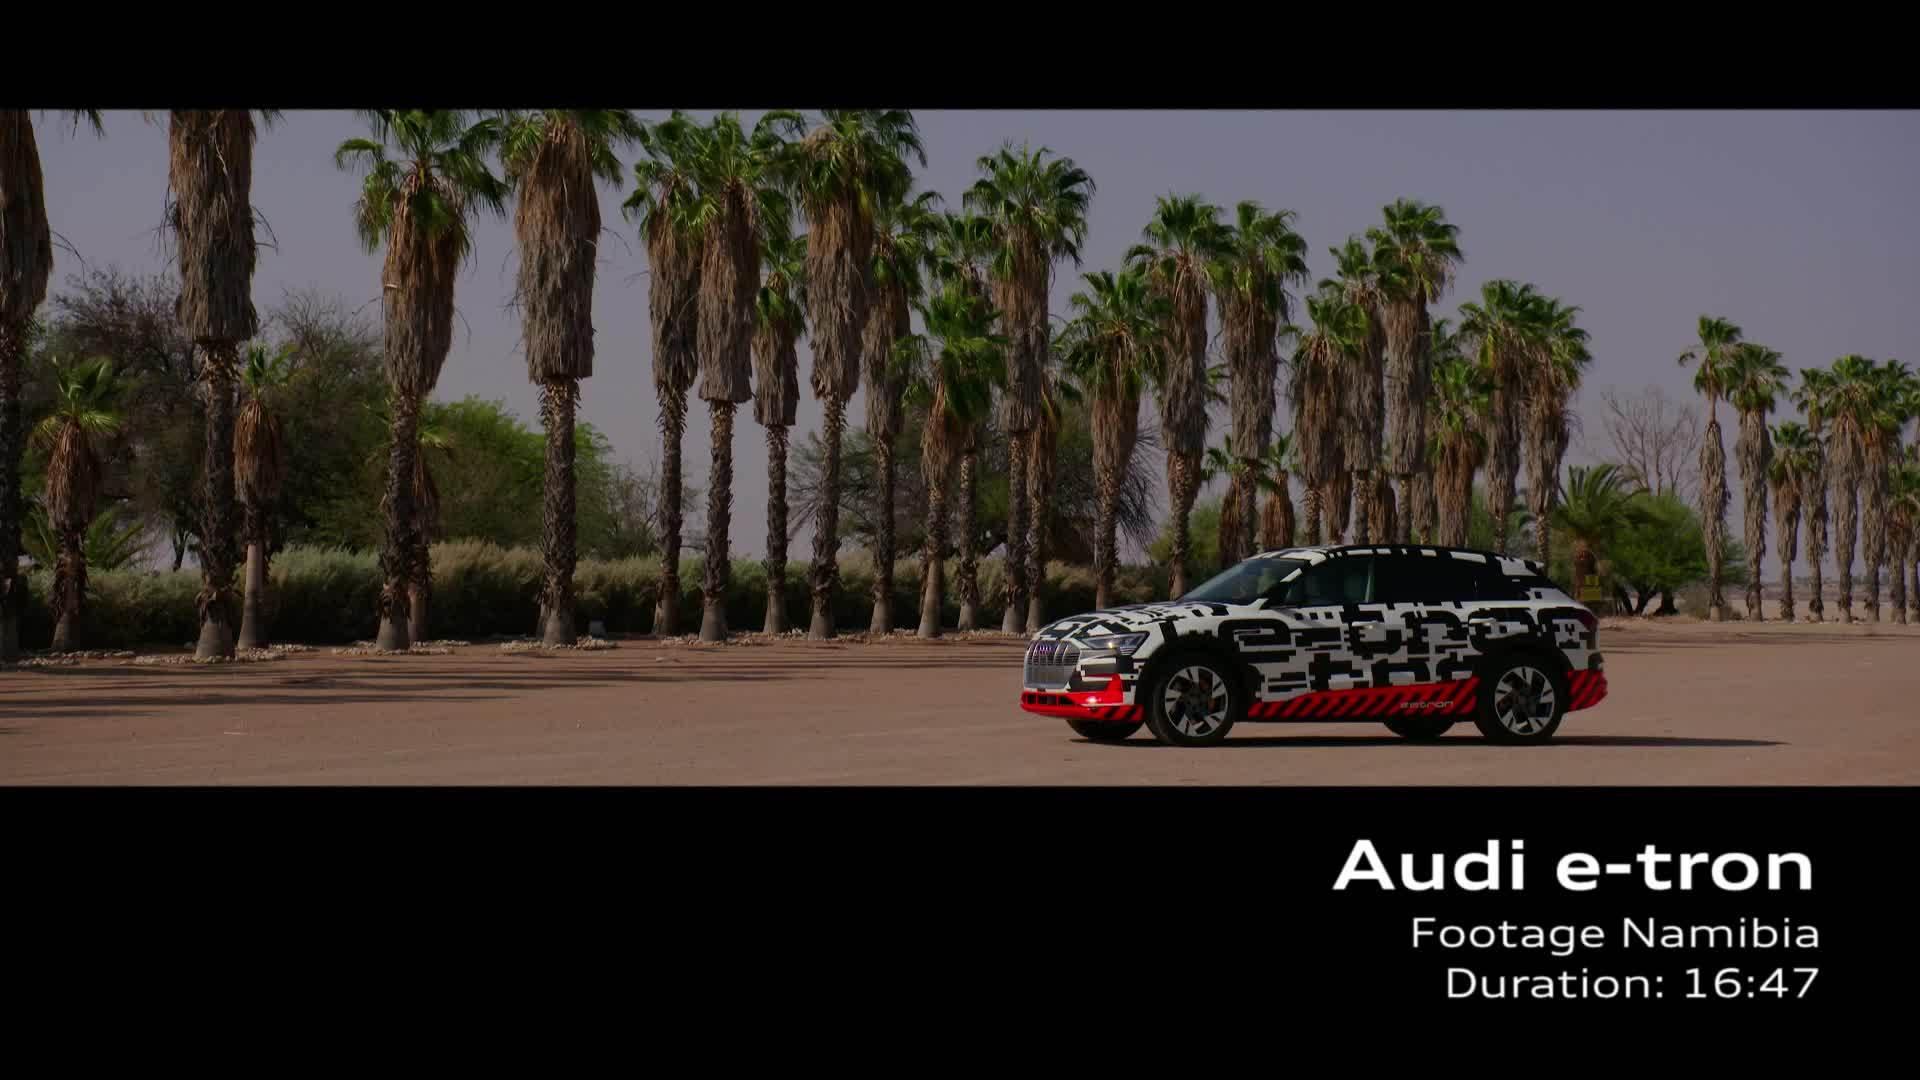 Audi e-tron-Prototyp in Namibia (Footage)